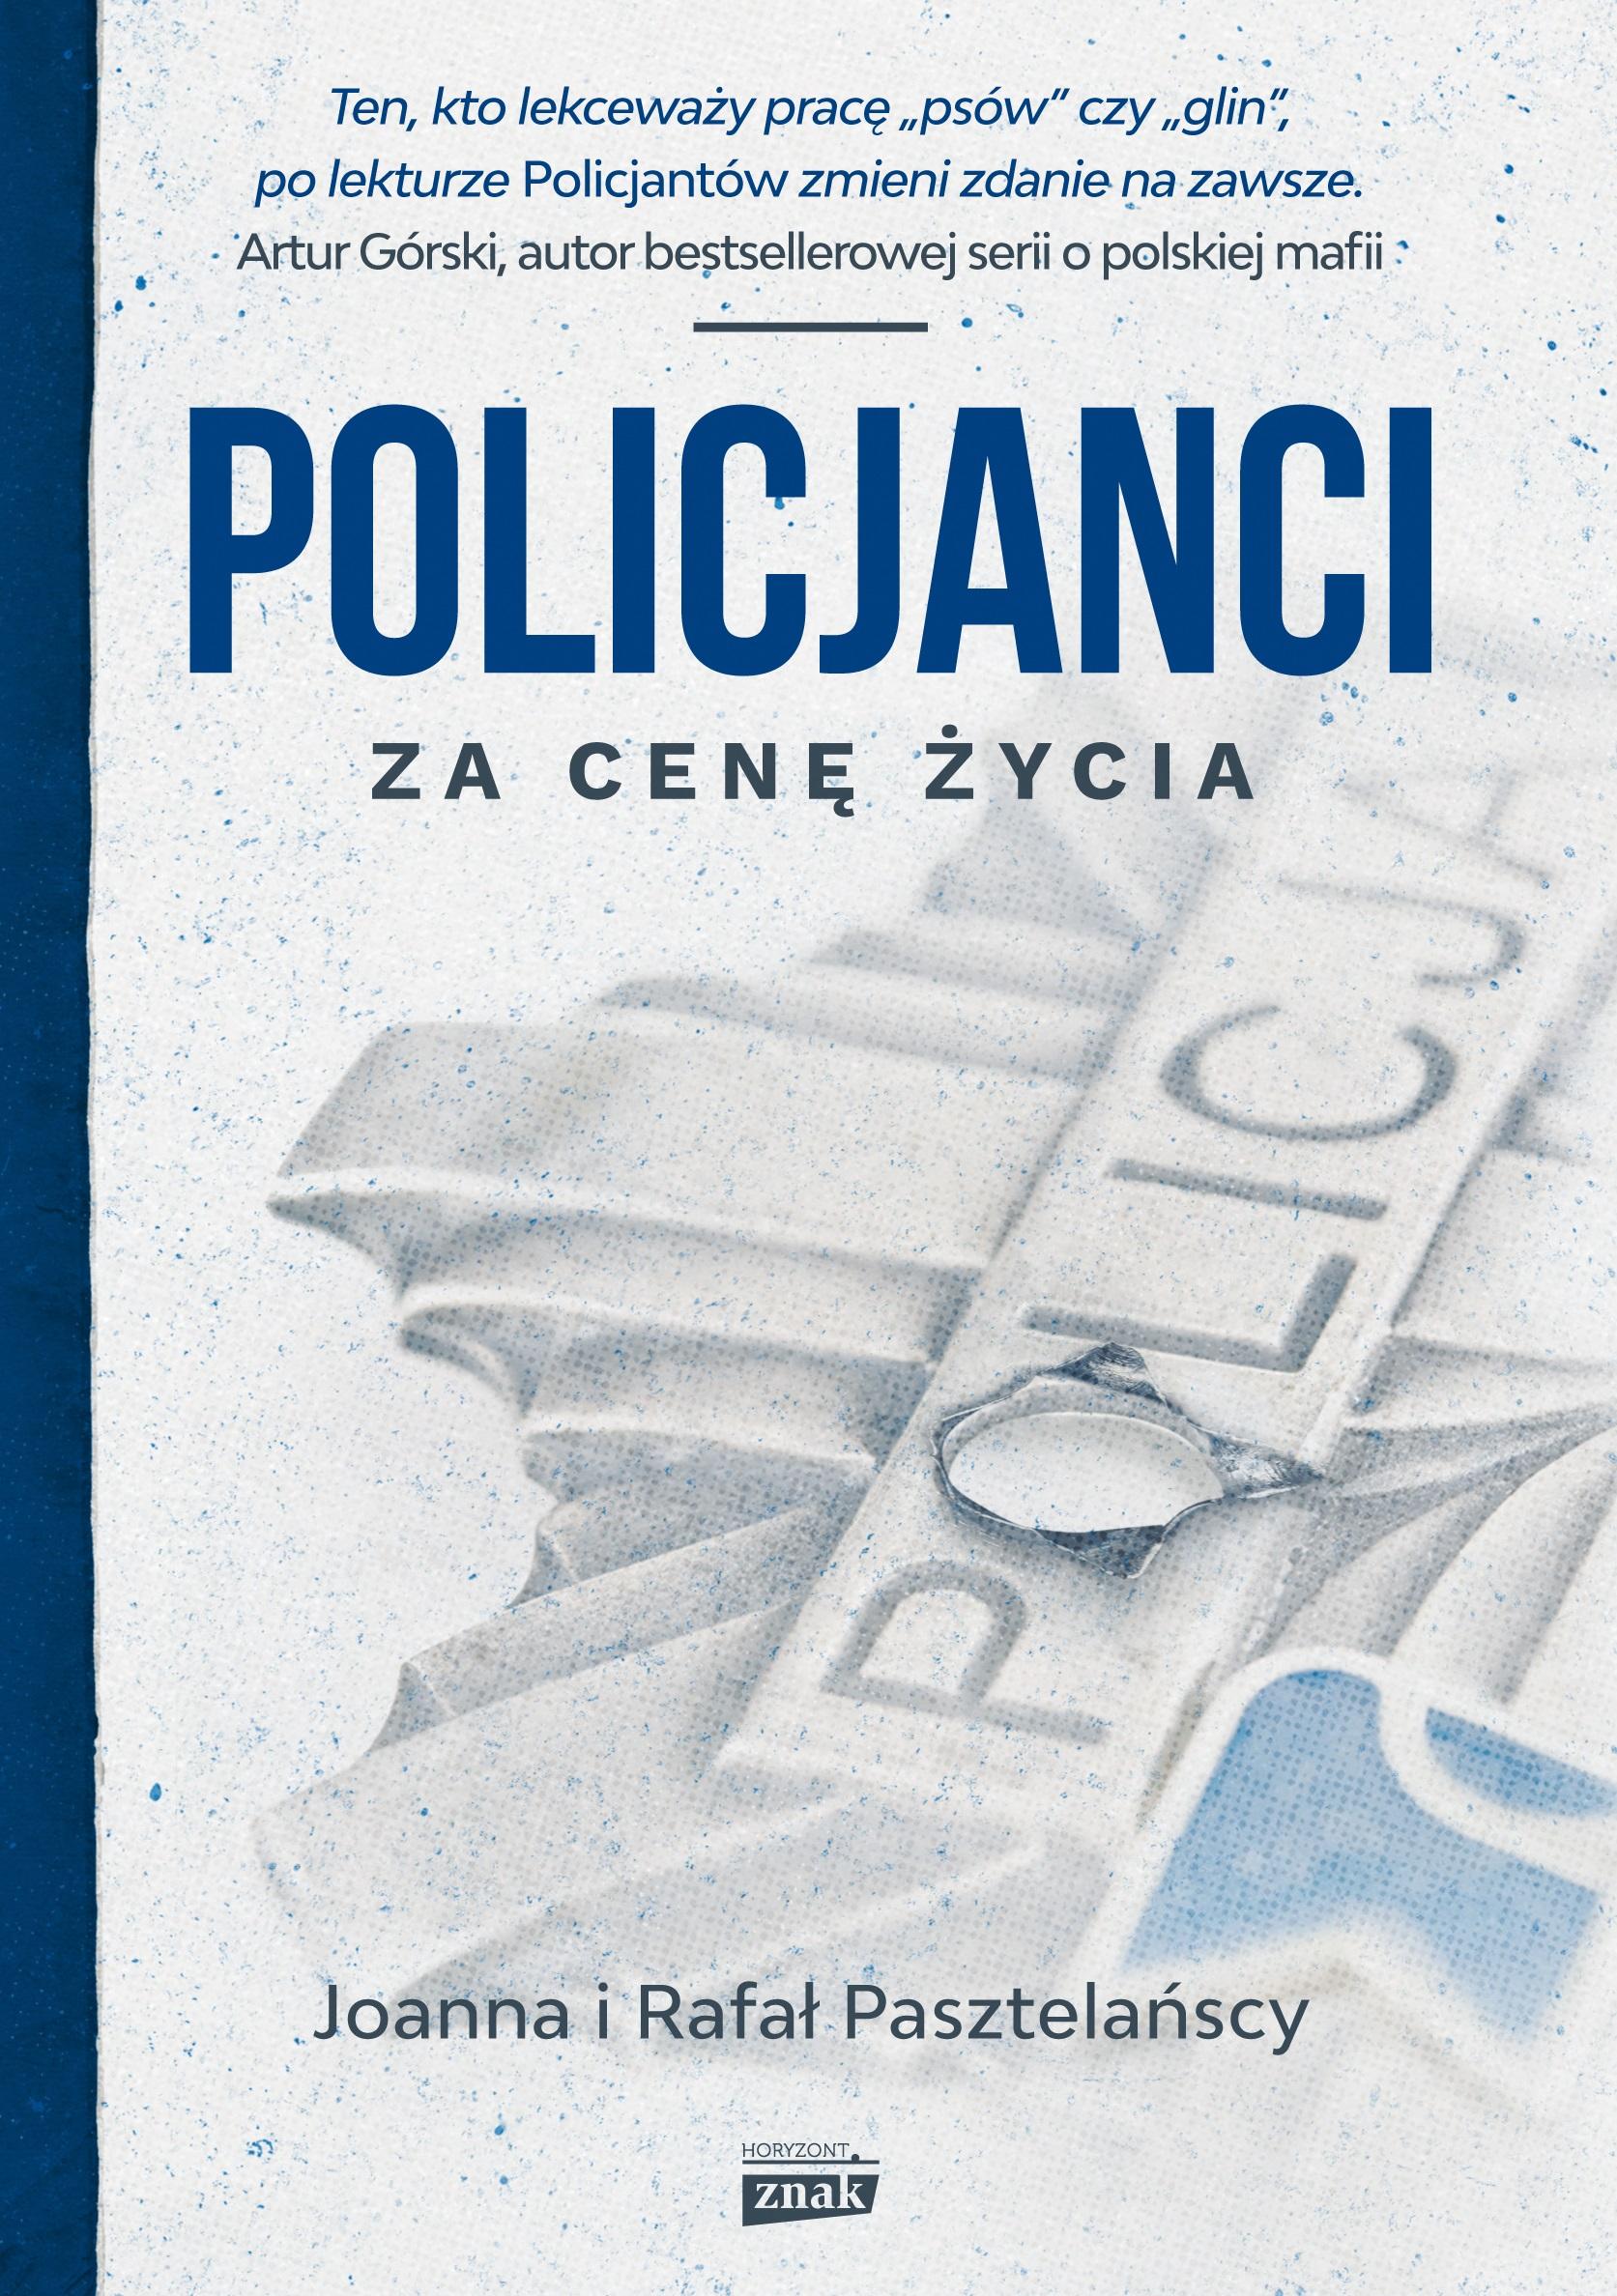 Policjanci. Za cenę życia (Znak Horyzont 2016).